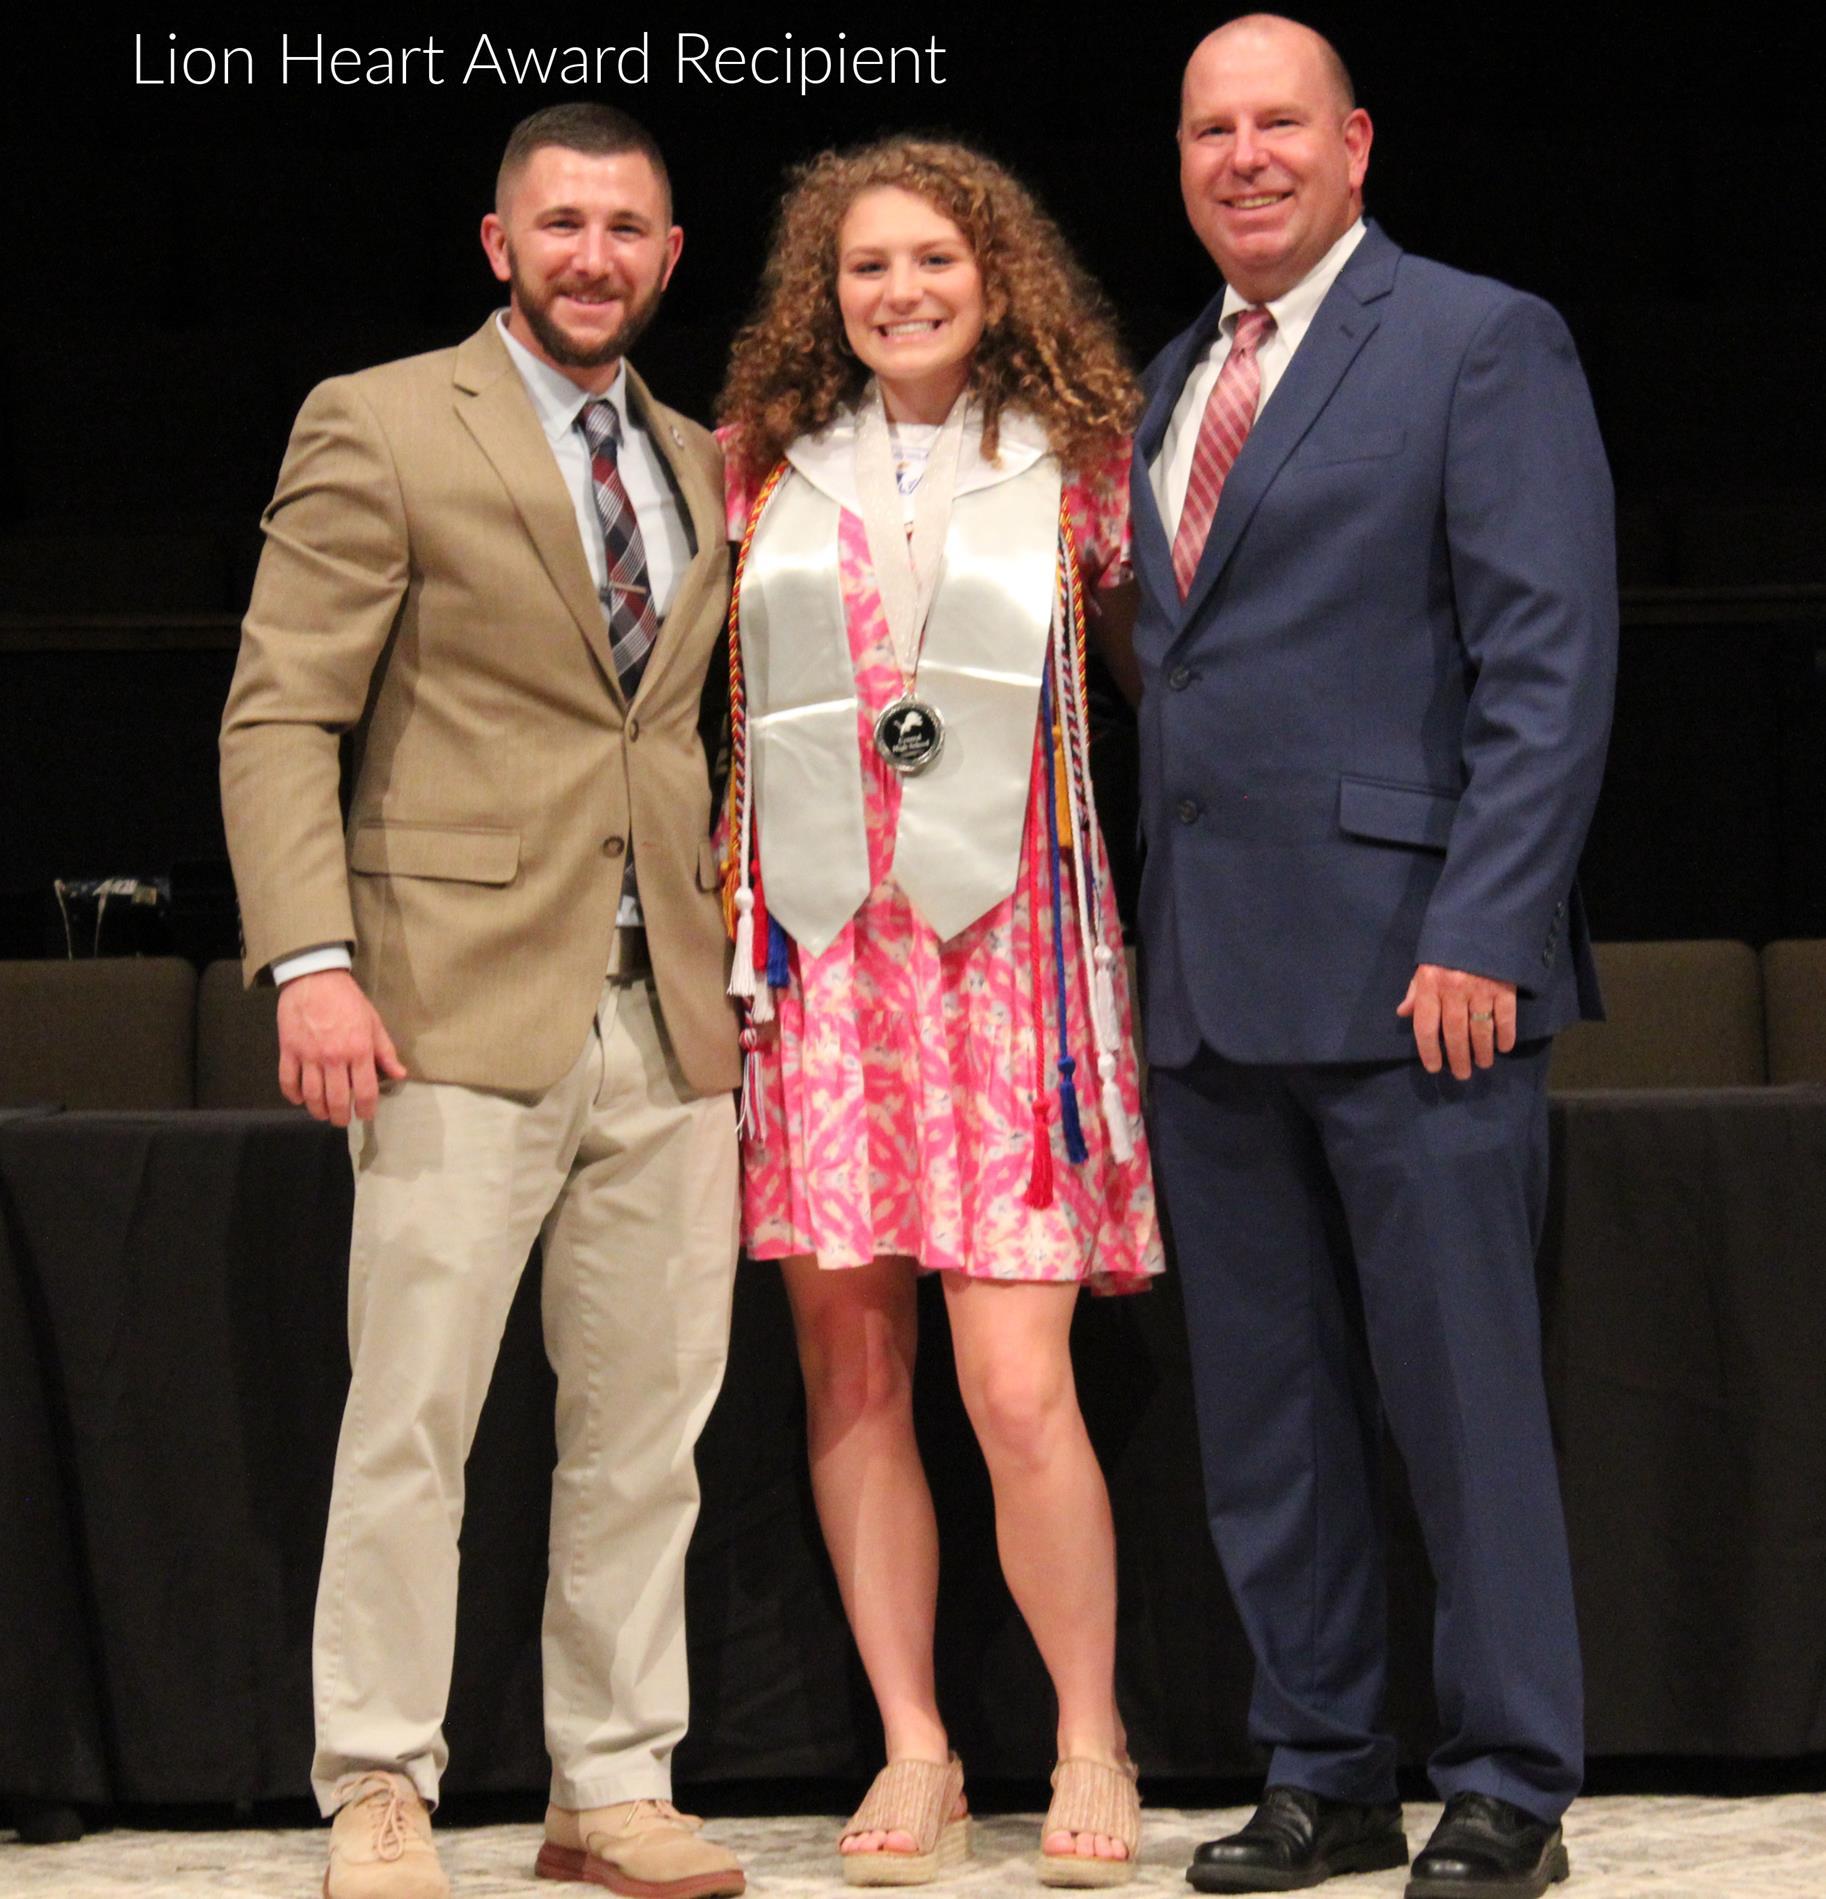 Lion Heart Award